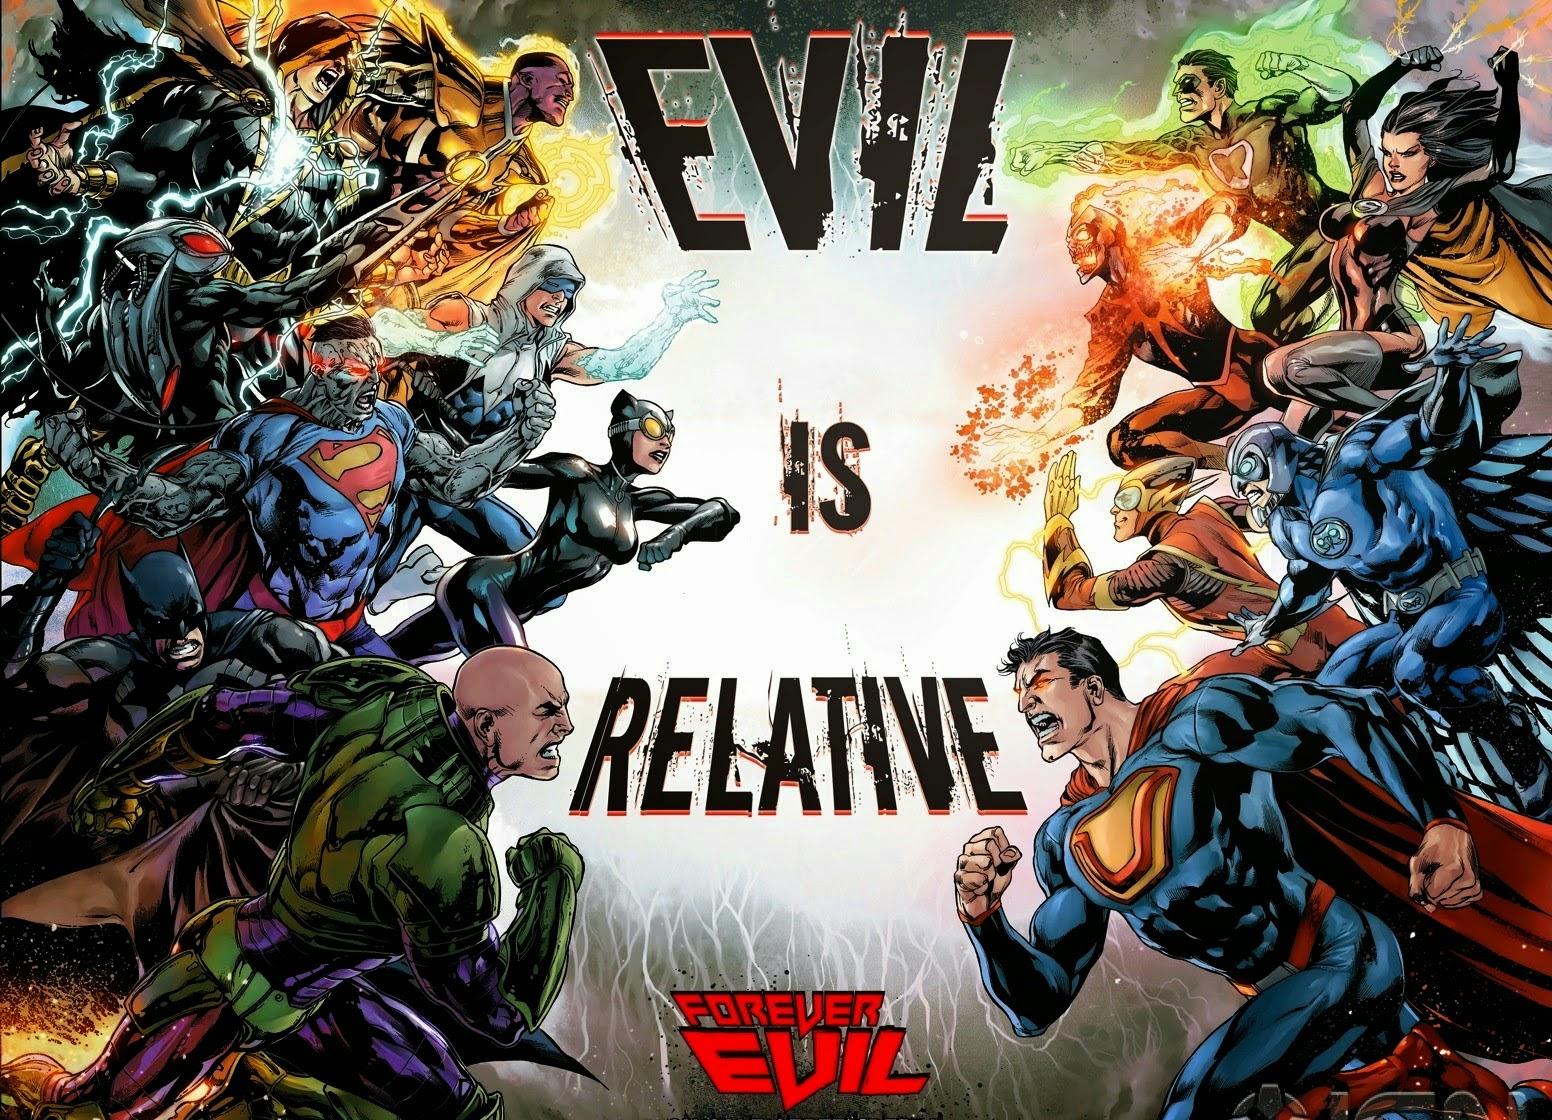 http://superheroesrevelados.blogspot.com.ar/2014/11/forever-evil.html